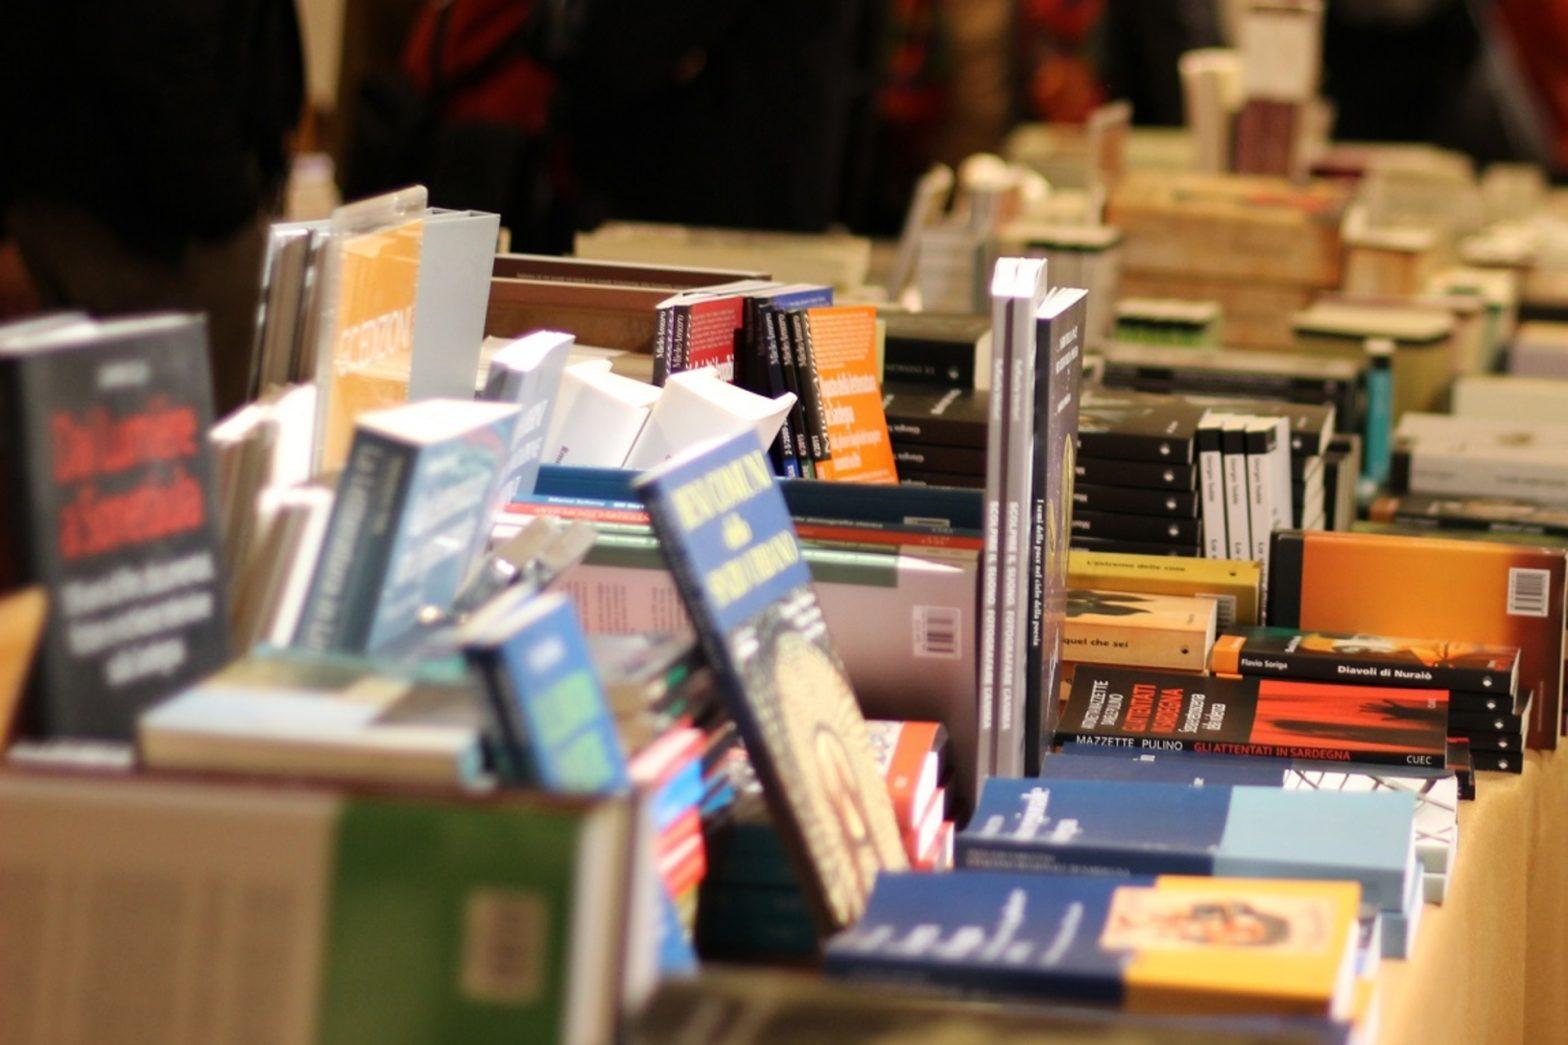 Biblioteche: assegnate dalla DGBID le risorse per acquisti in librerie di prossimità